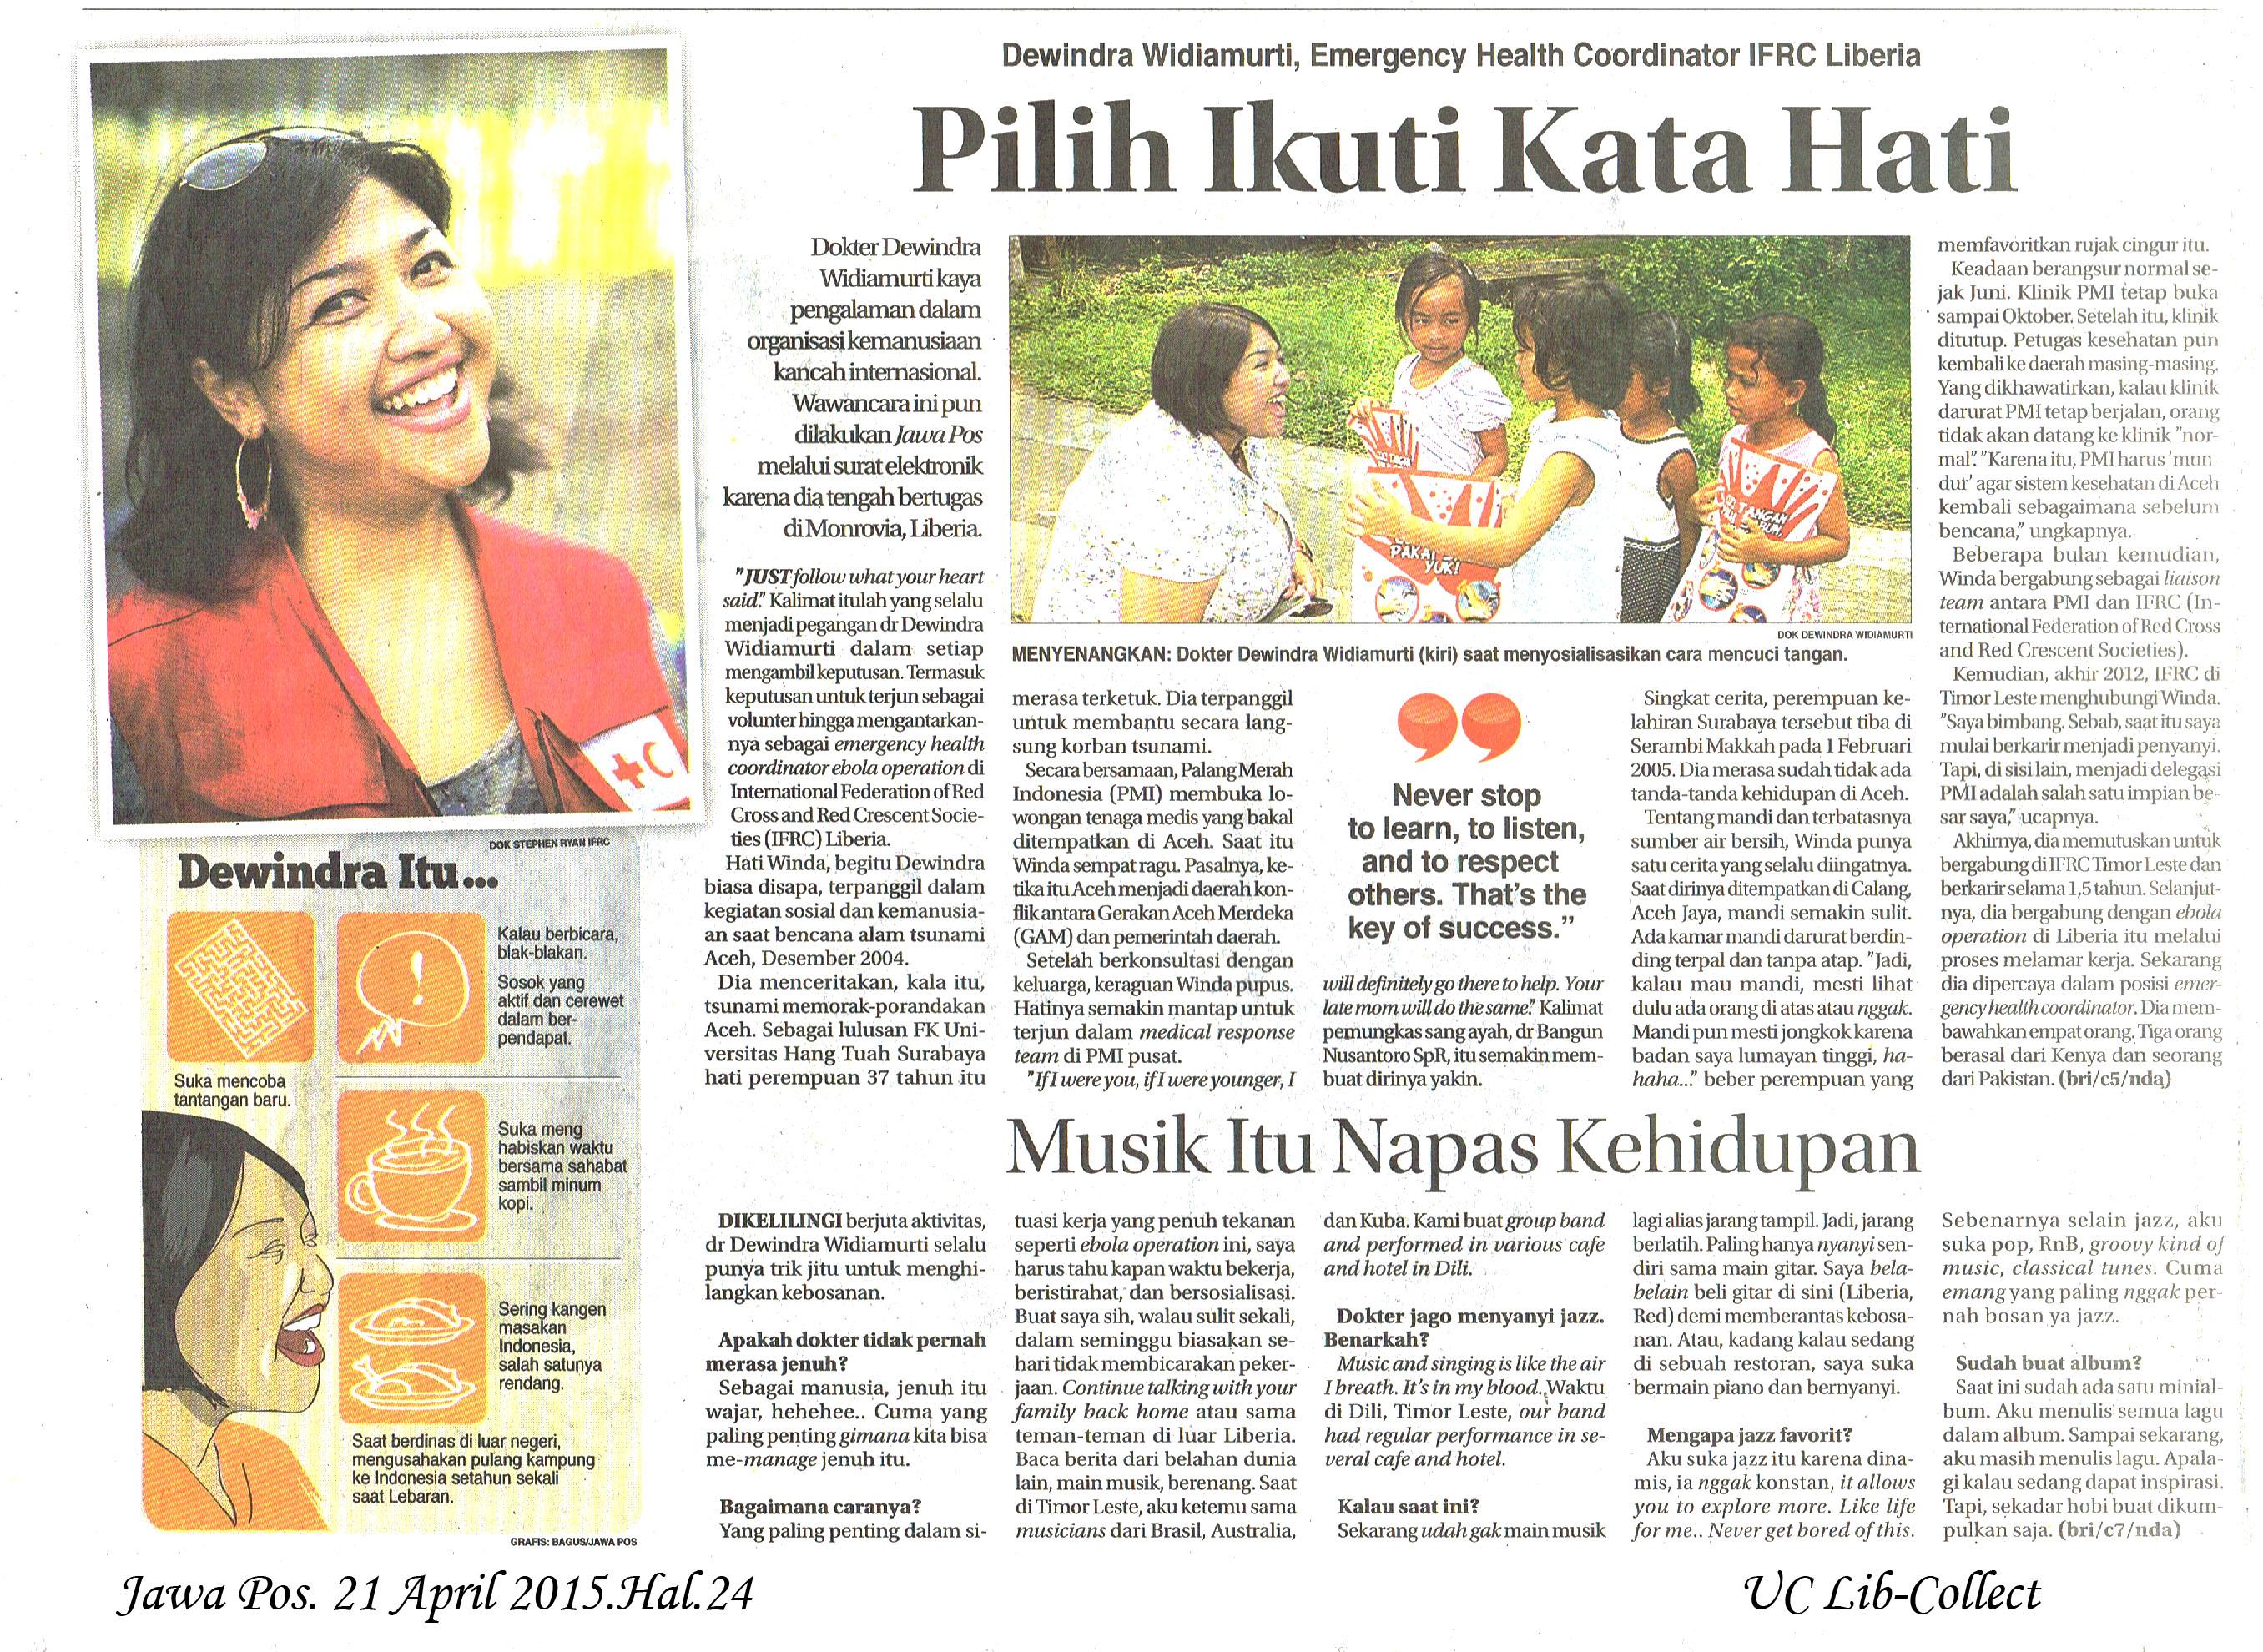 Pilih Ikuti Kata Hati. Jawa Pos. 21 April 2015.Hal.24